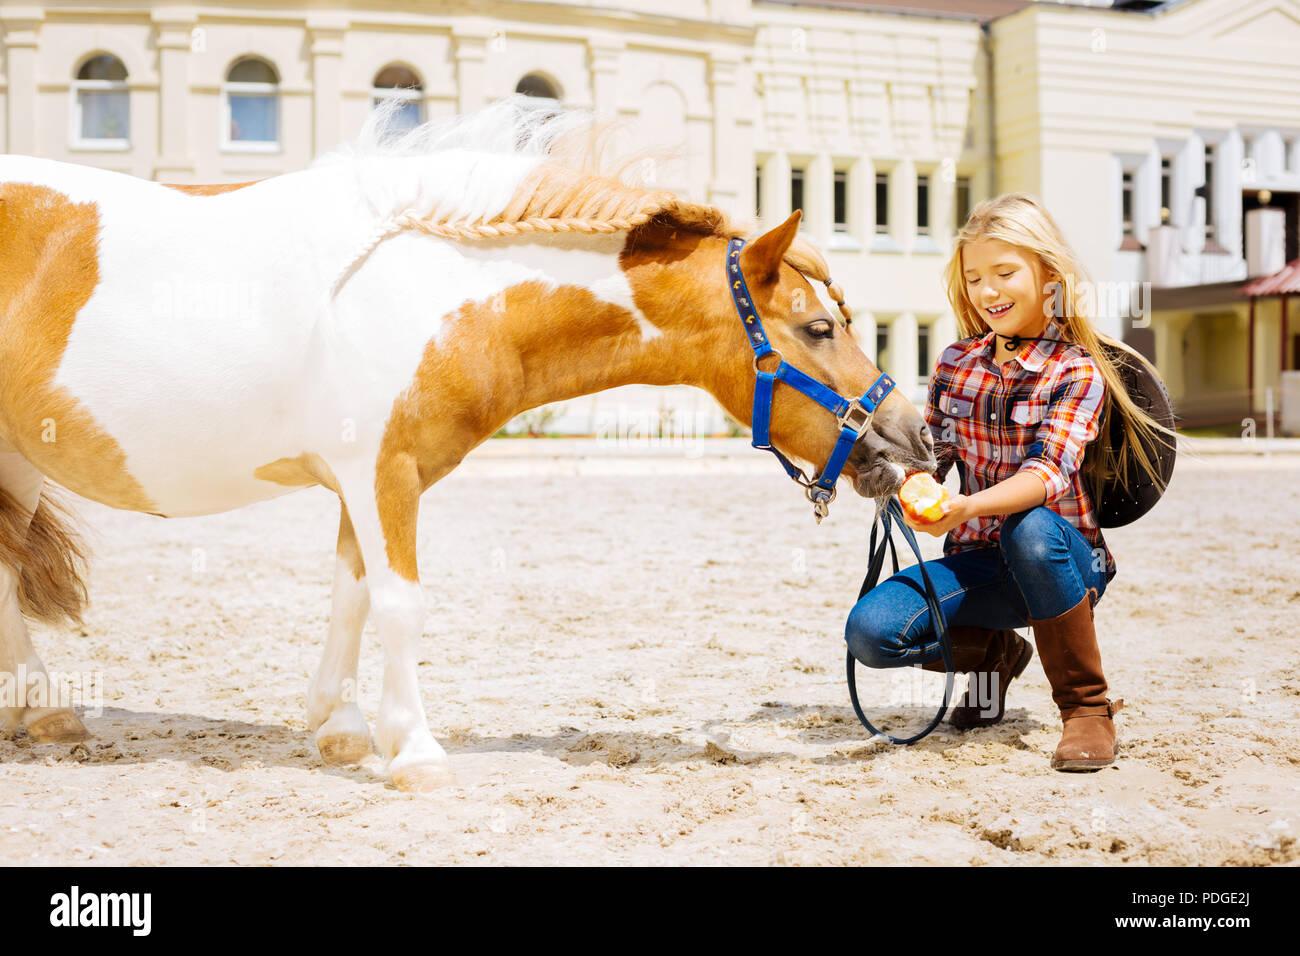 Amüsiert Schülerin ihr Wochenende verbringen in der Nähe von Stable mit Pferd Stockbild